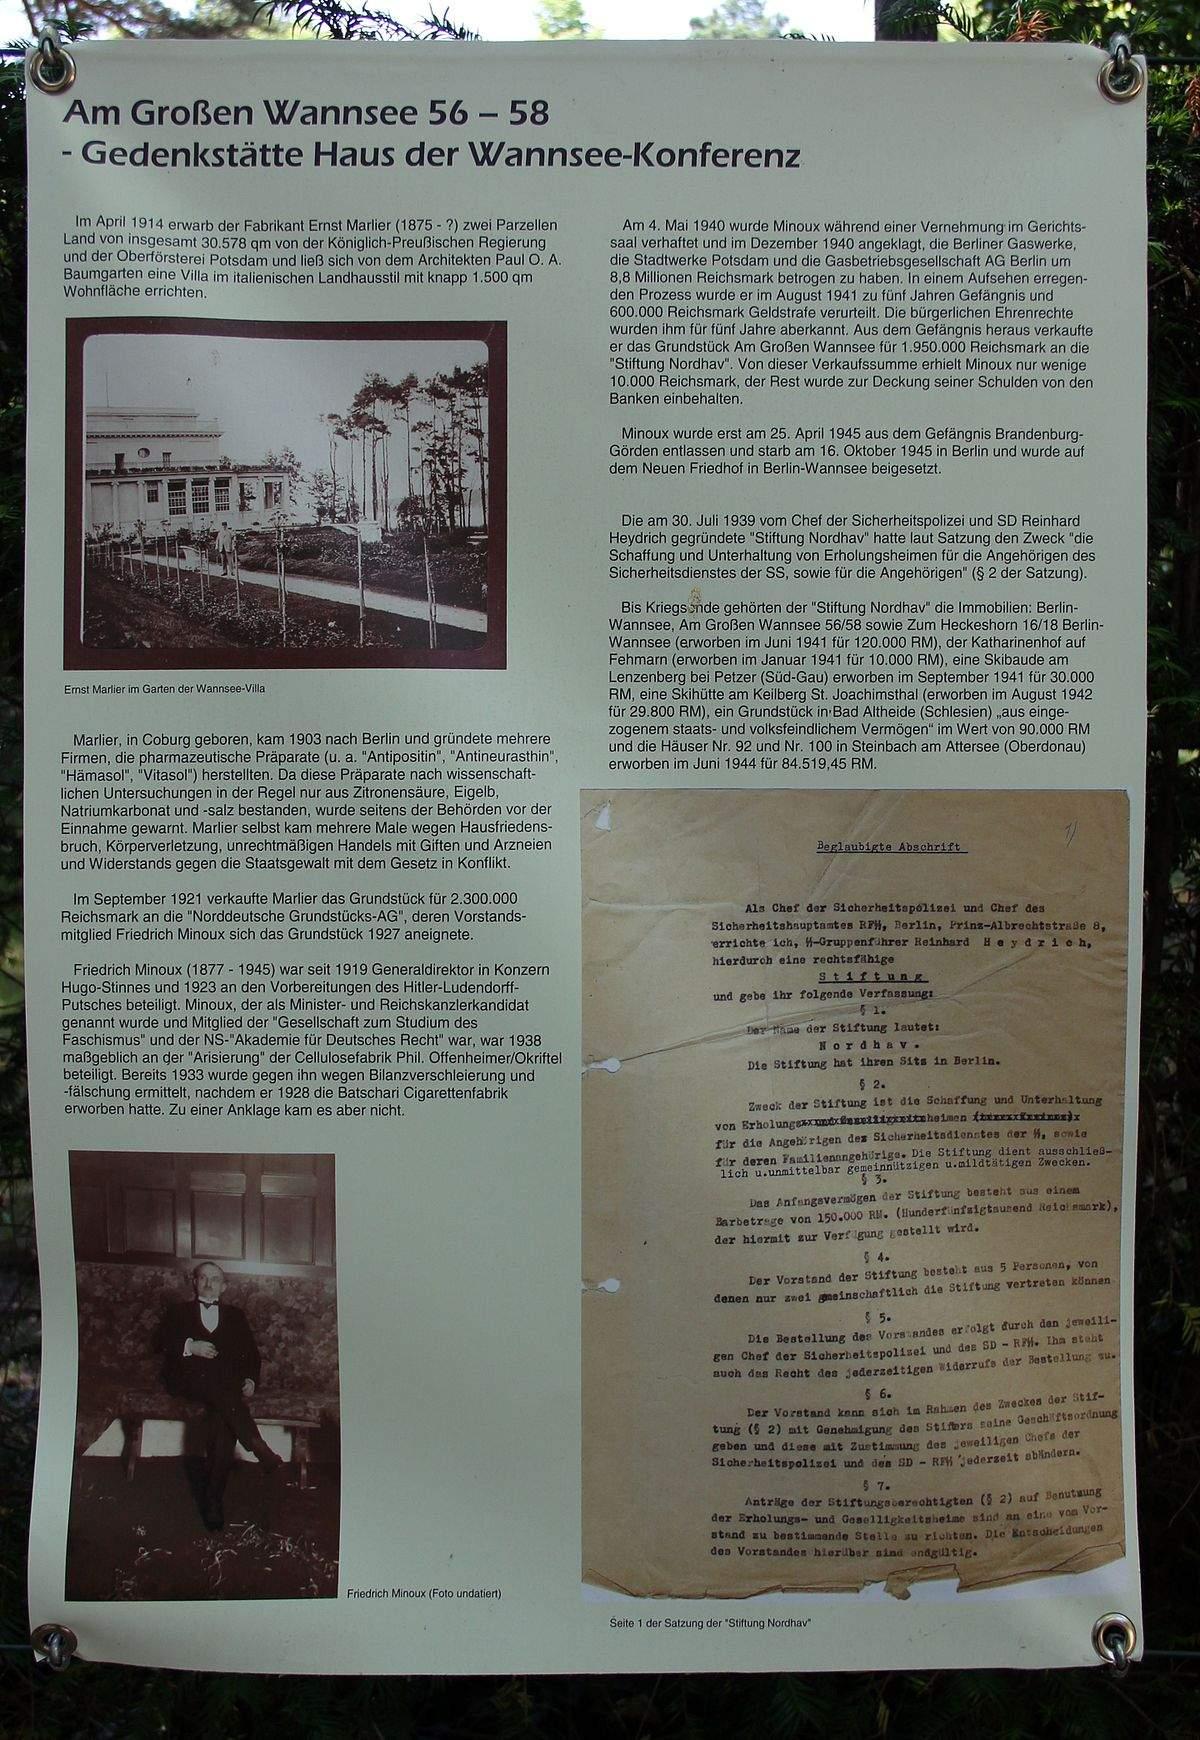 1200px Gedenktafel Am Großen Wannsee 58 Wanns Wannseekonferenz